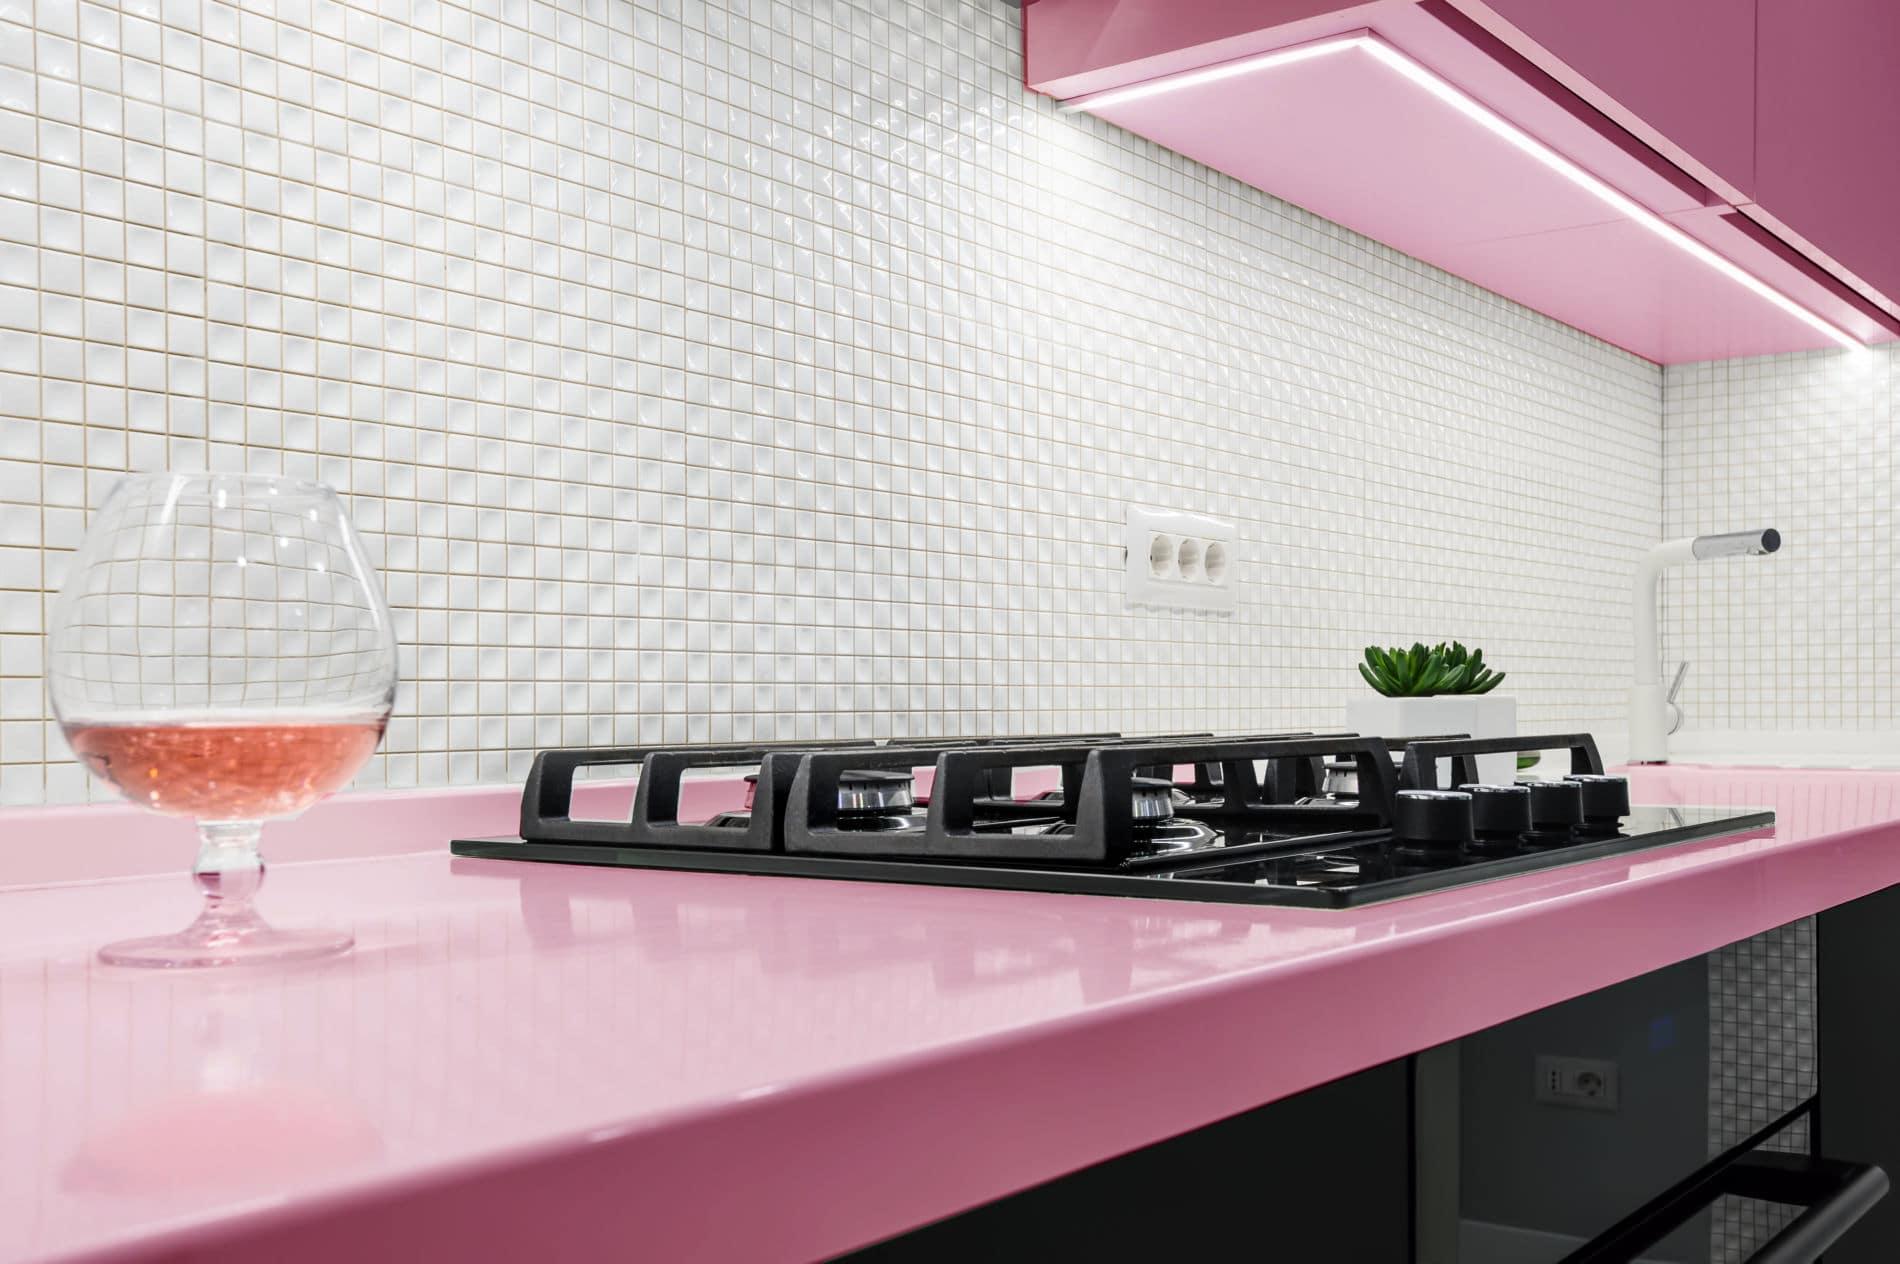 מטבחים מעץ חברות לעיצוב מטבחים בעלי ניסיון בתחום מהחברות המובילות המשק בתחום ייצור והרכבת מטבחים שיודעים לתת שירות אדיב ומקצועי, שמומחים לשירותי ייצור ועיצוב מטבחים תוך כדי תחזוקת מטבחים